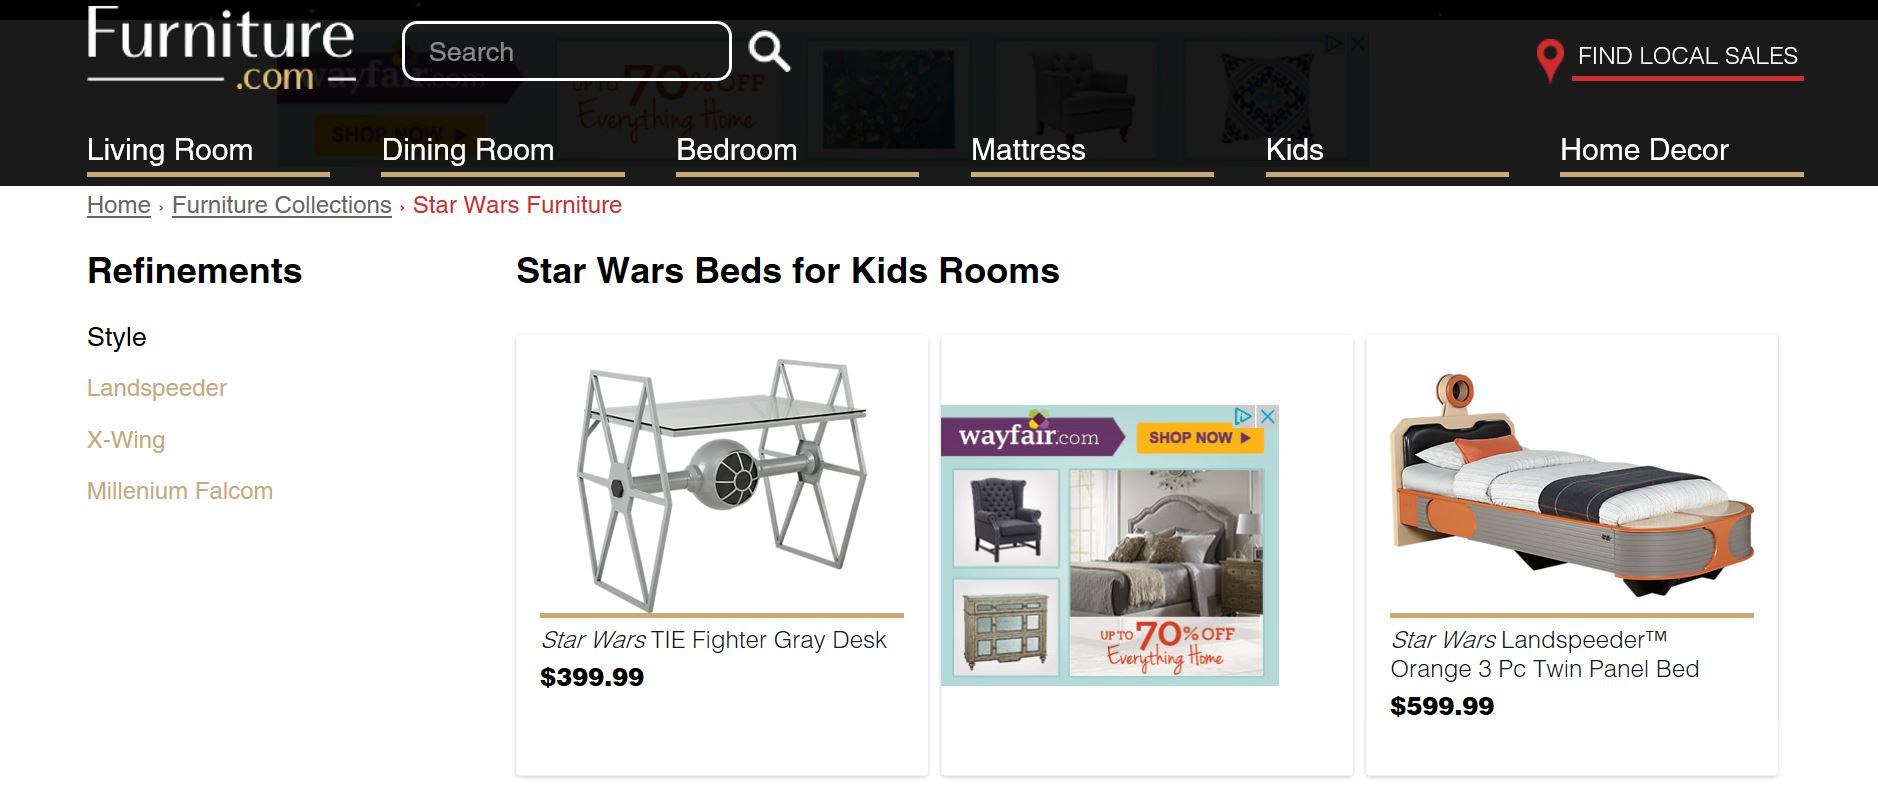 Star Wars Furniture for Padawans